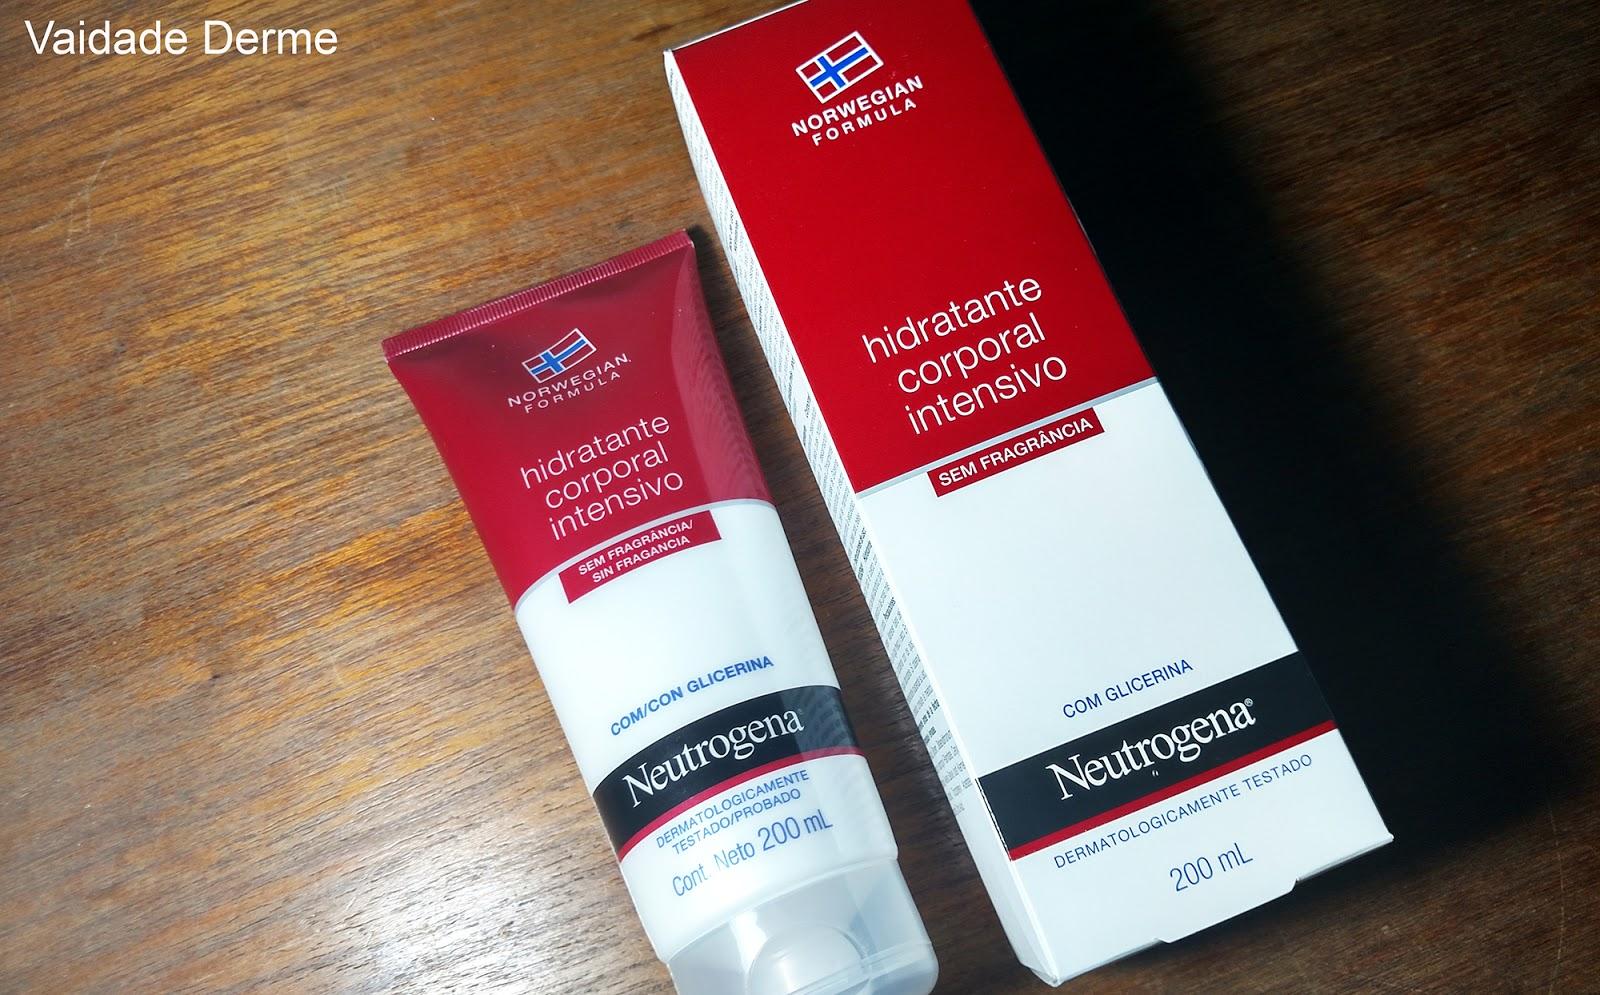 Neutrogena Norwegian Hidratante Corporal Intensivo Loção